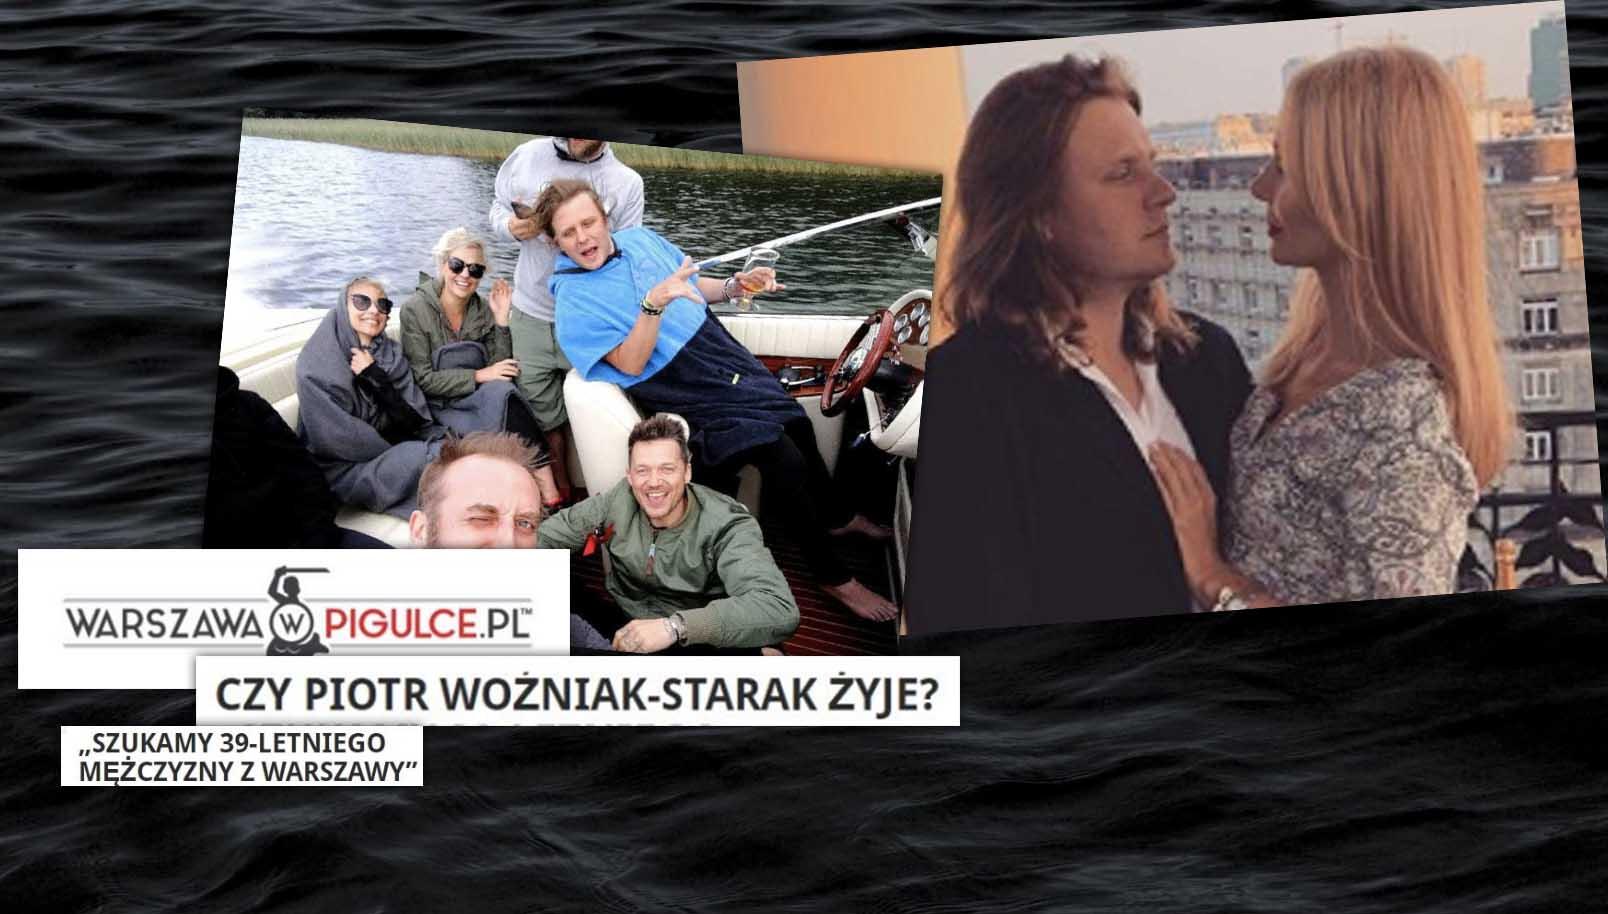 Najnowsze wiadomości. Polski portal ma wątpliwości, czy Piotr Woźniak-Starak jeszcze żyje